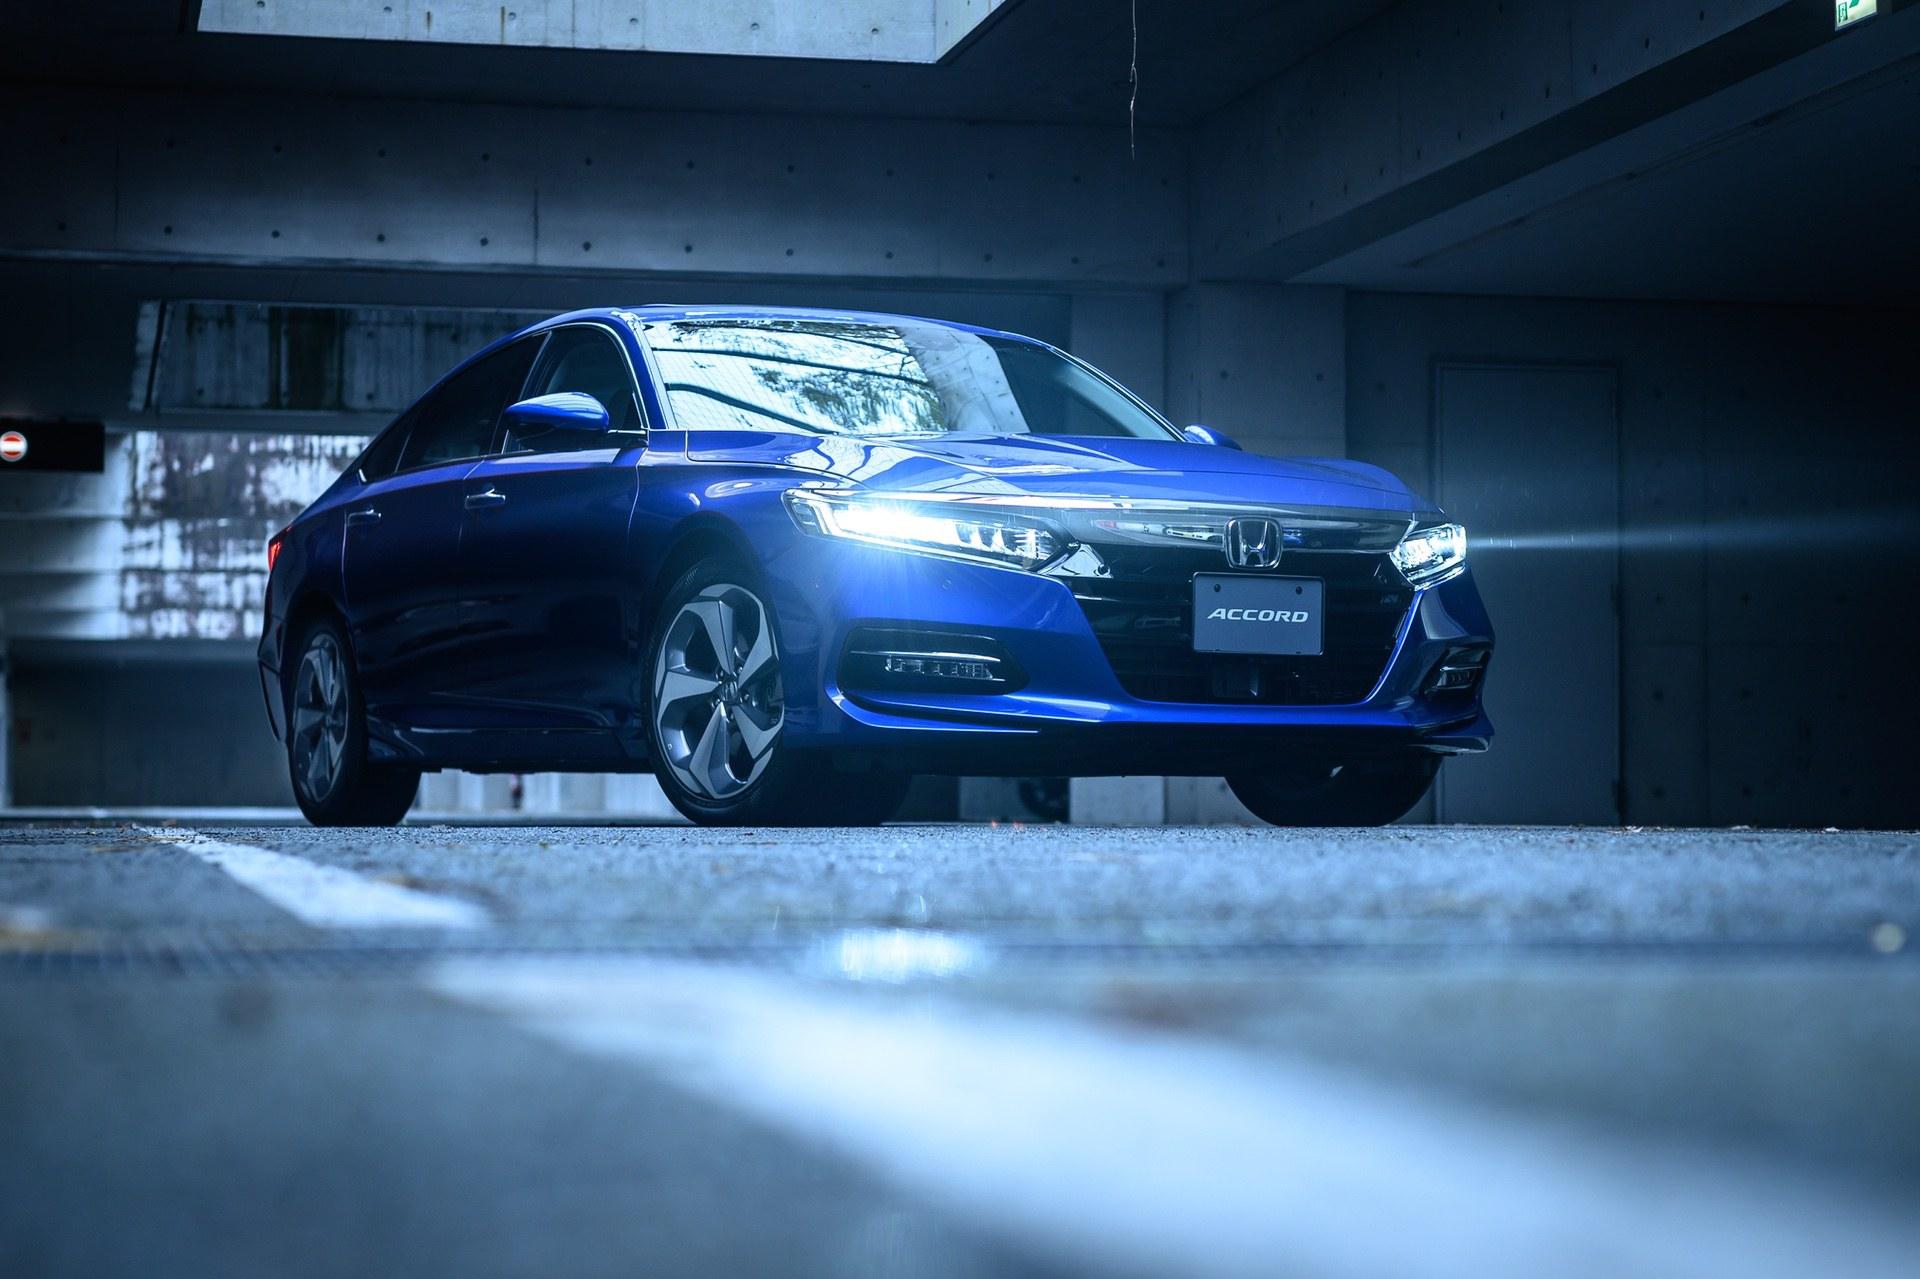 2020_Honda_Accord_eHEV_JPD_0012